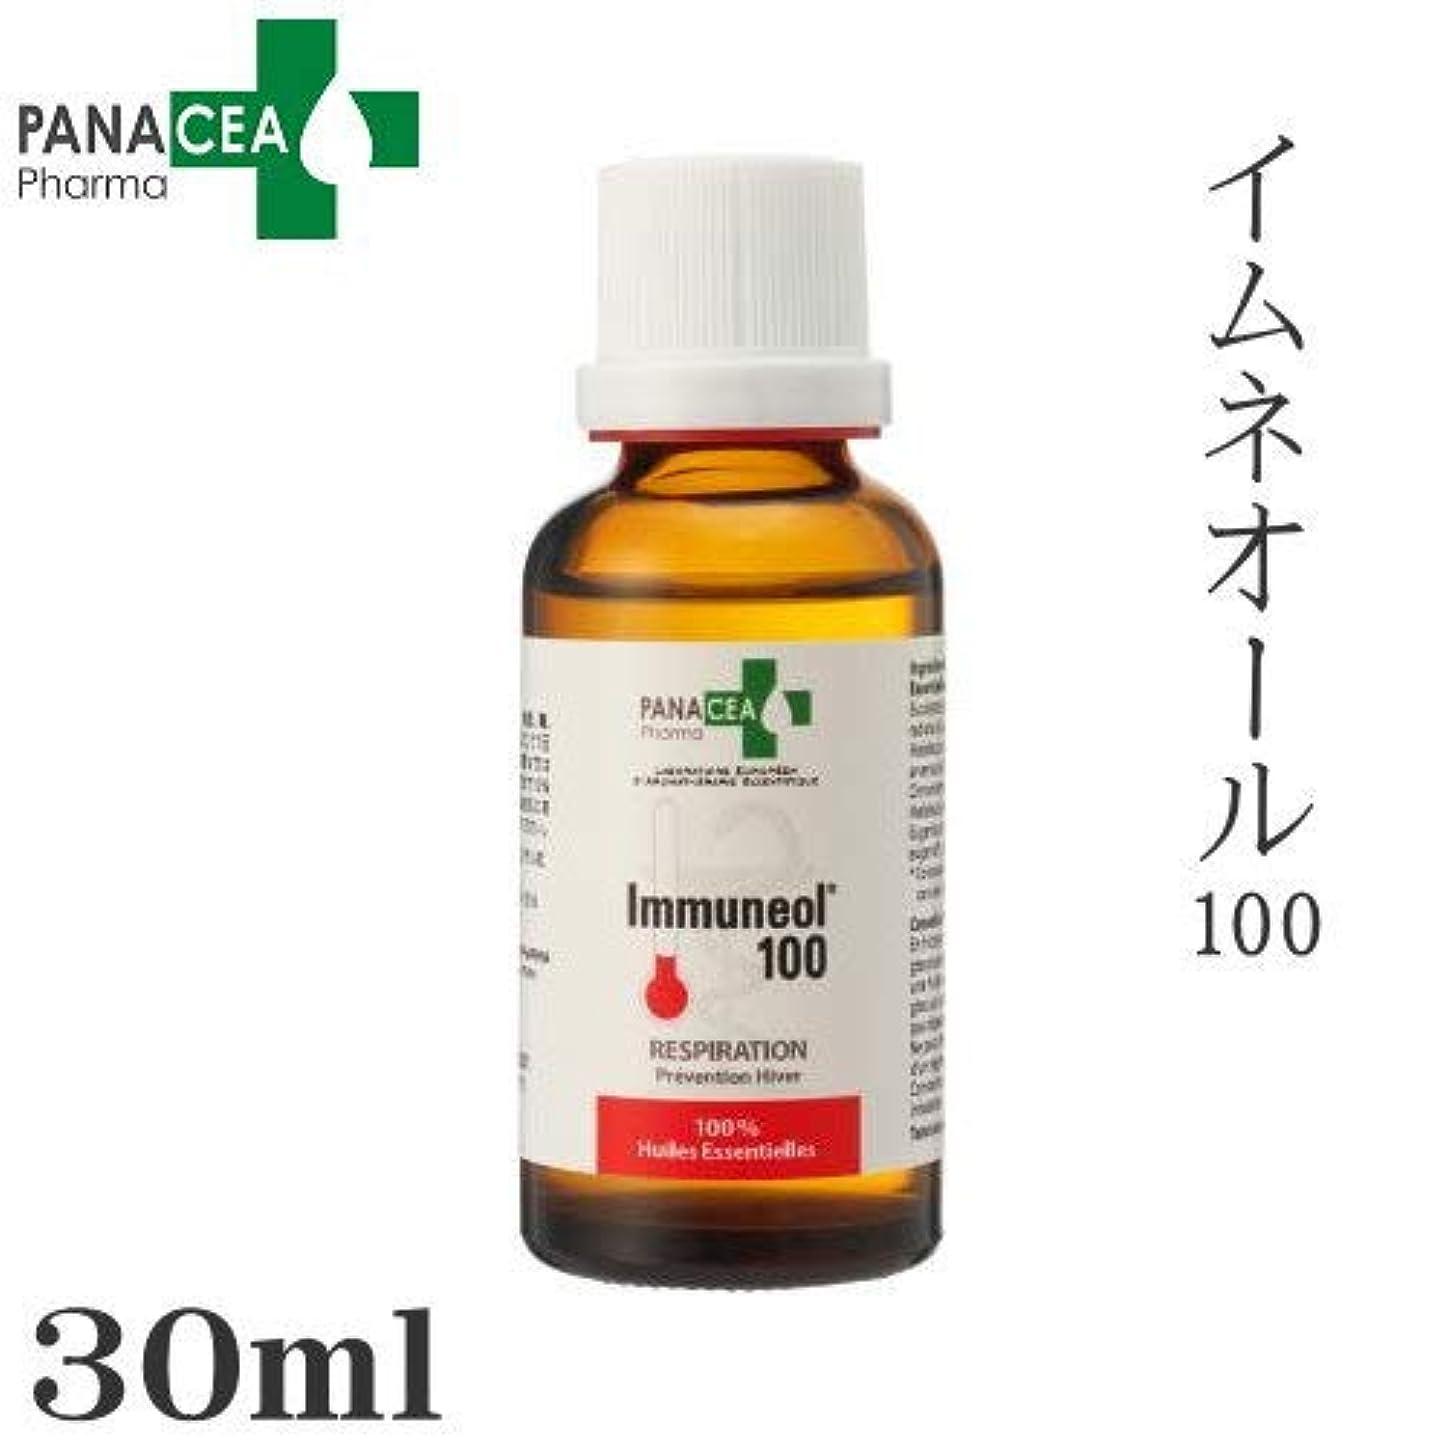 美しい年齢つかまえるPANACEA PHARMA パナセア ファルマイムネオール100 正規品